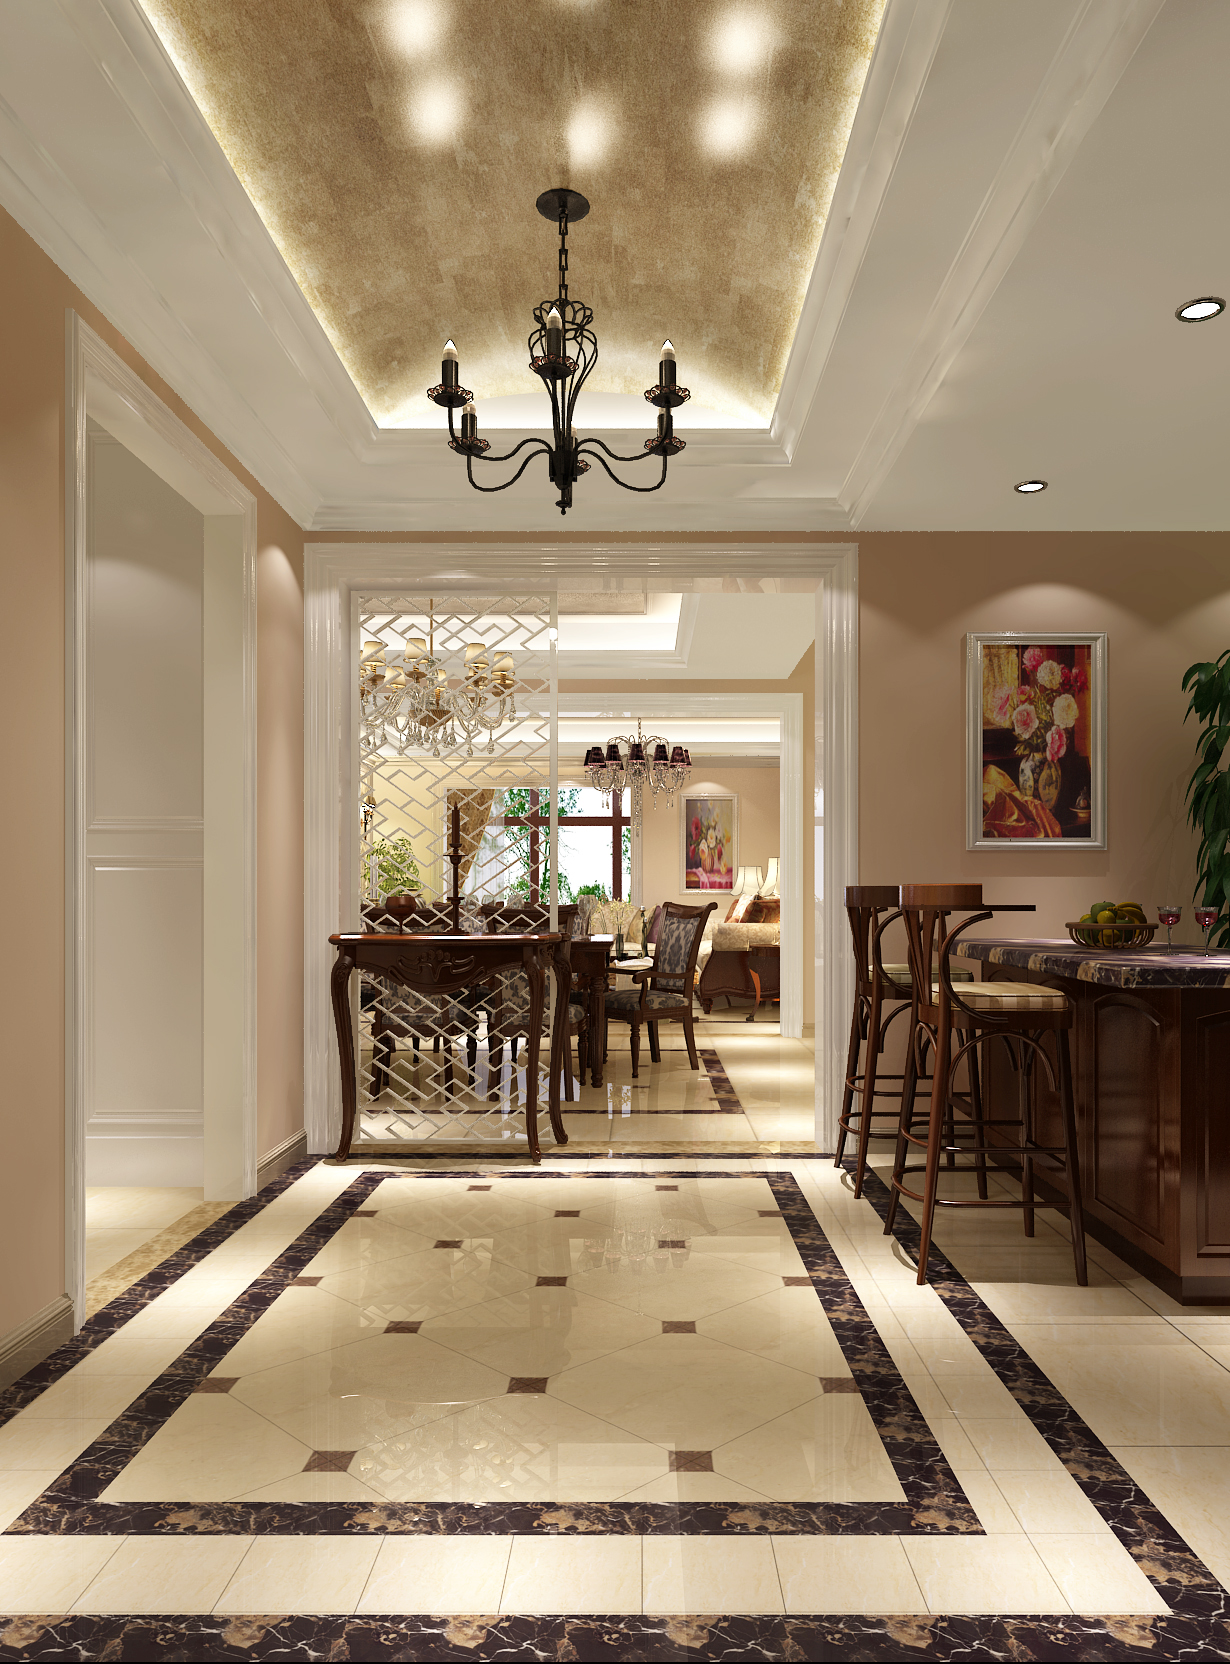 简约 田园 三居 二居 白领 80后 白富美 时尚 高度国际 楼梯图片来自北京高度国际装饰设计在5.1万打造中粮祥云田园风的分享